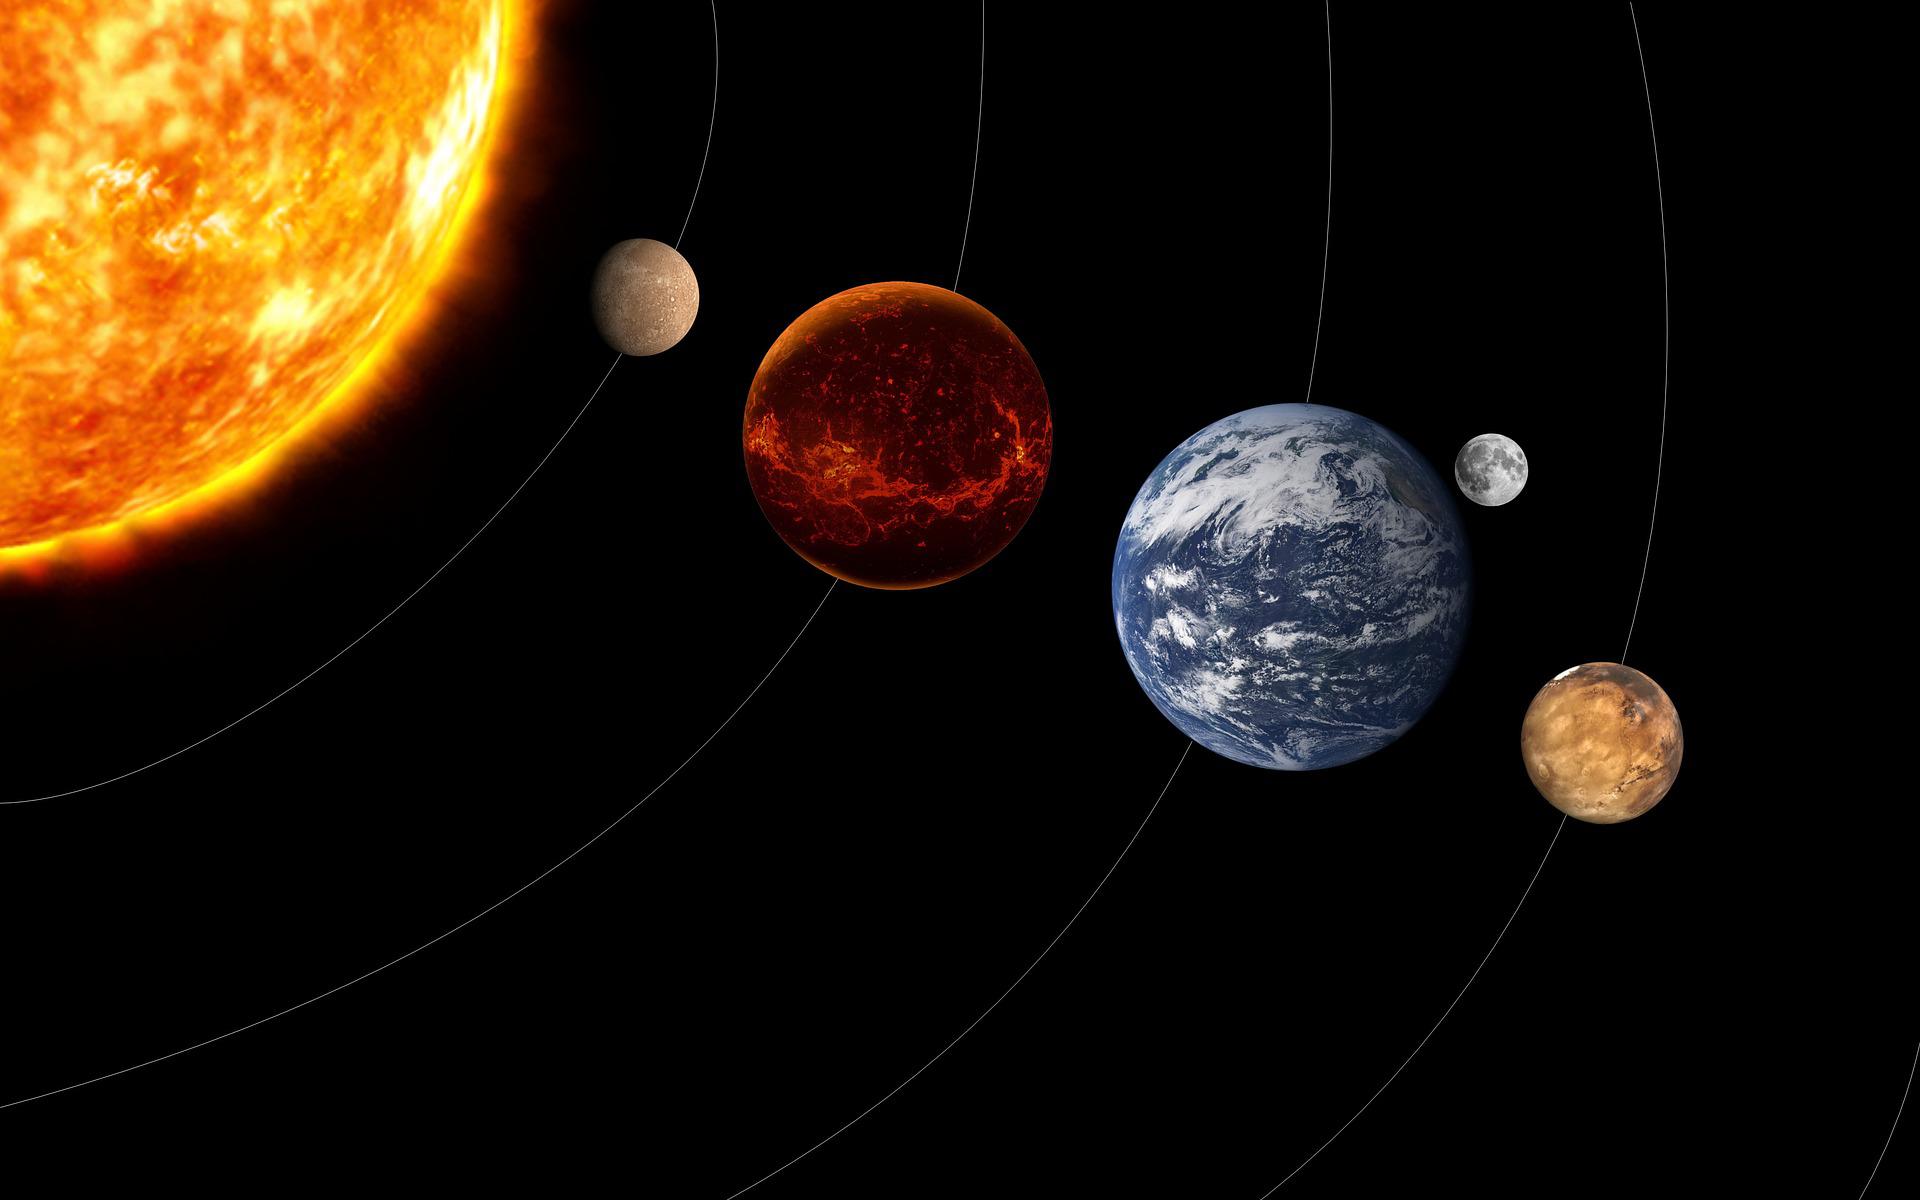 f504b6fe8 Lune, étoiles filantes, planètes : que regarder dans le ciel en mai ...